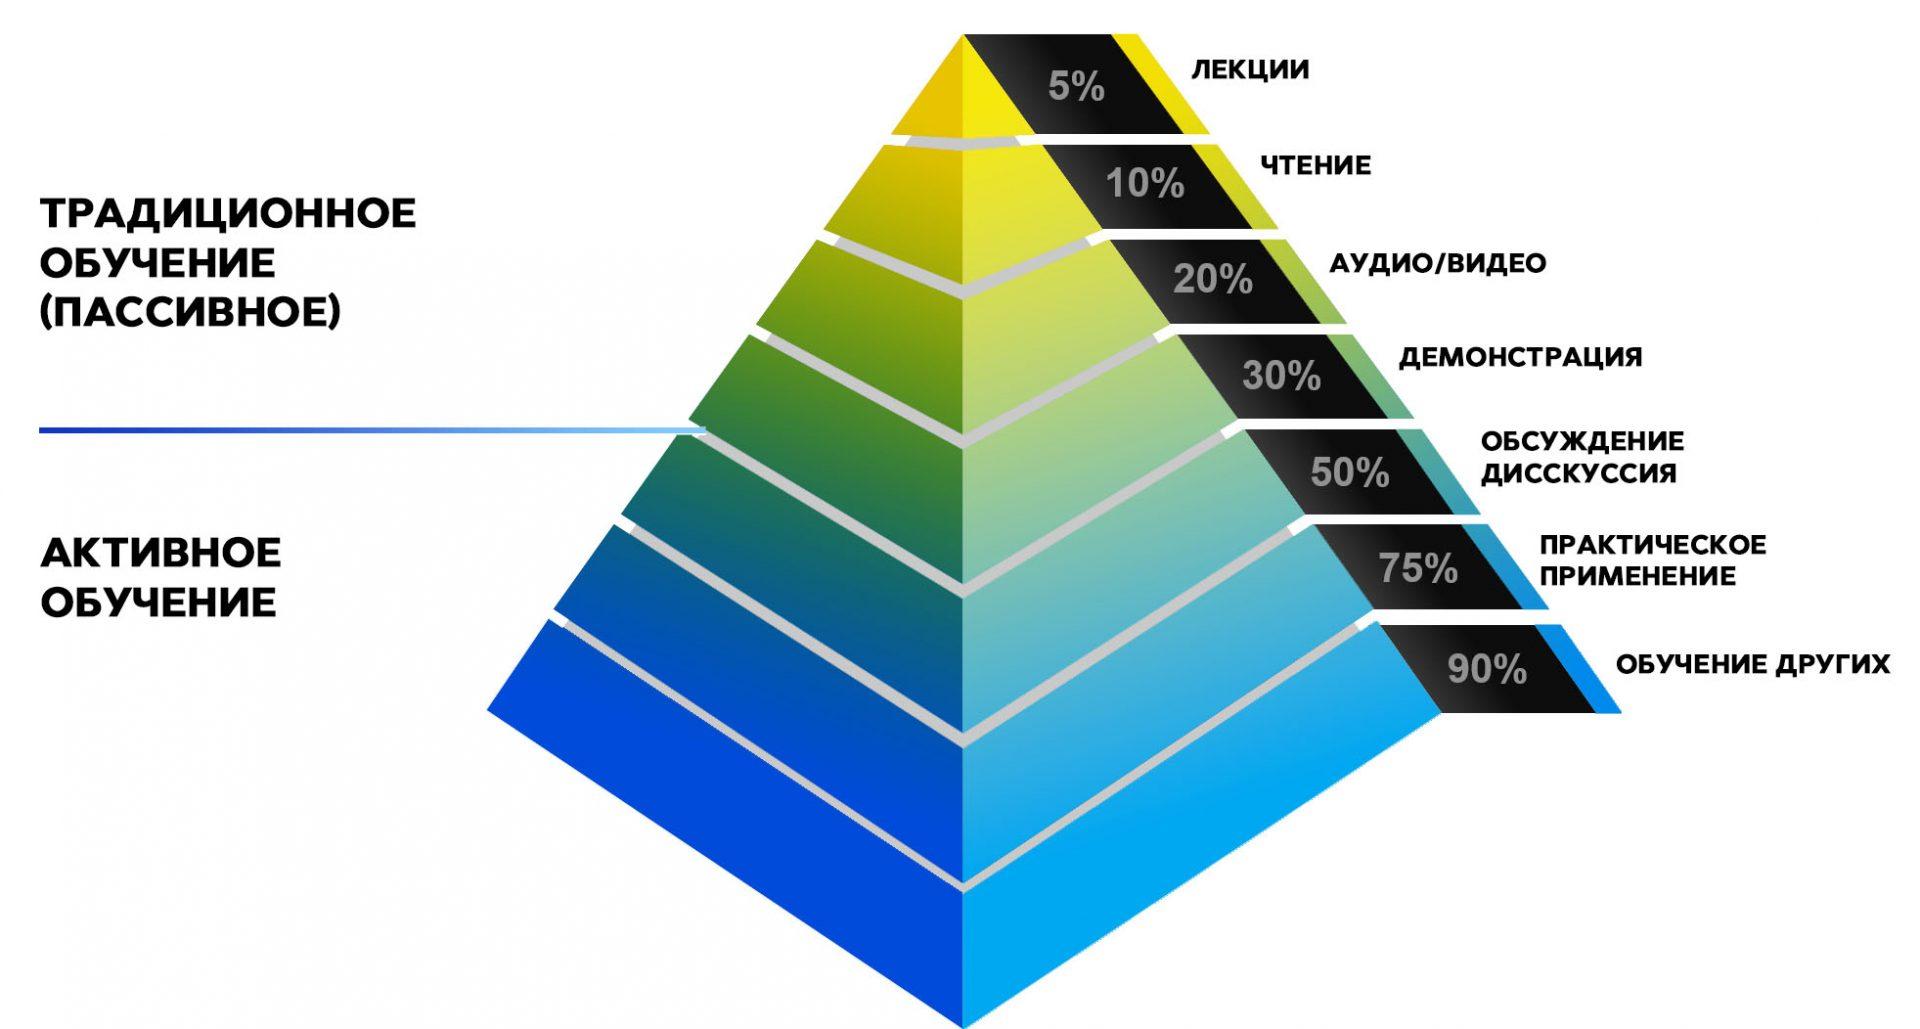 Пирамида усвоения ифномрации